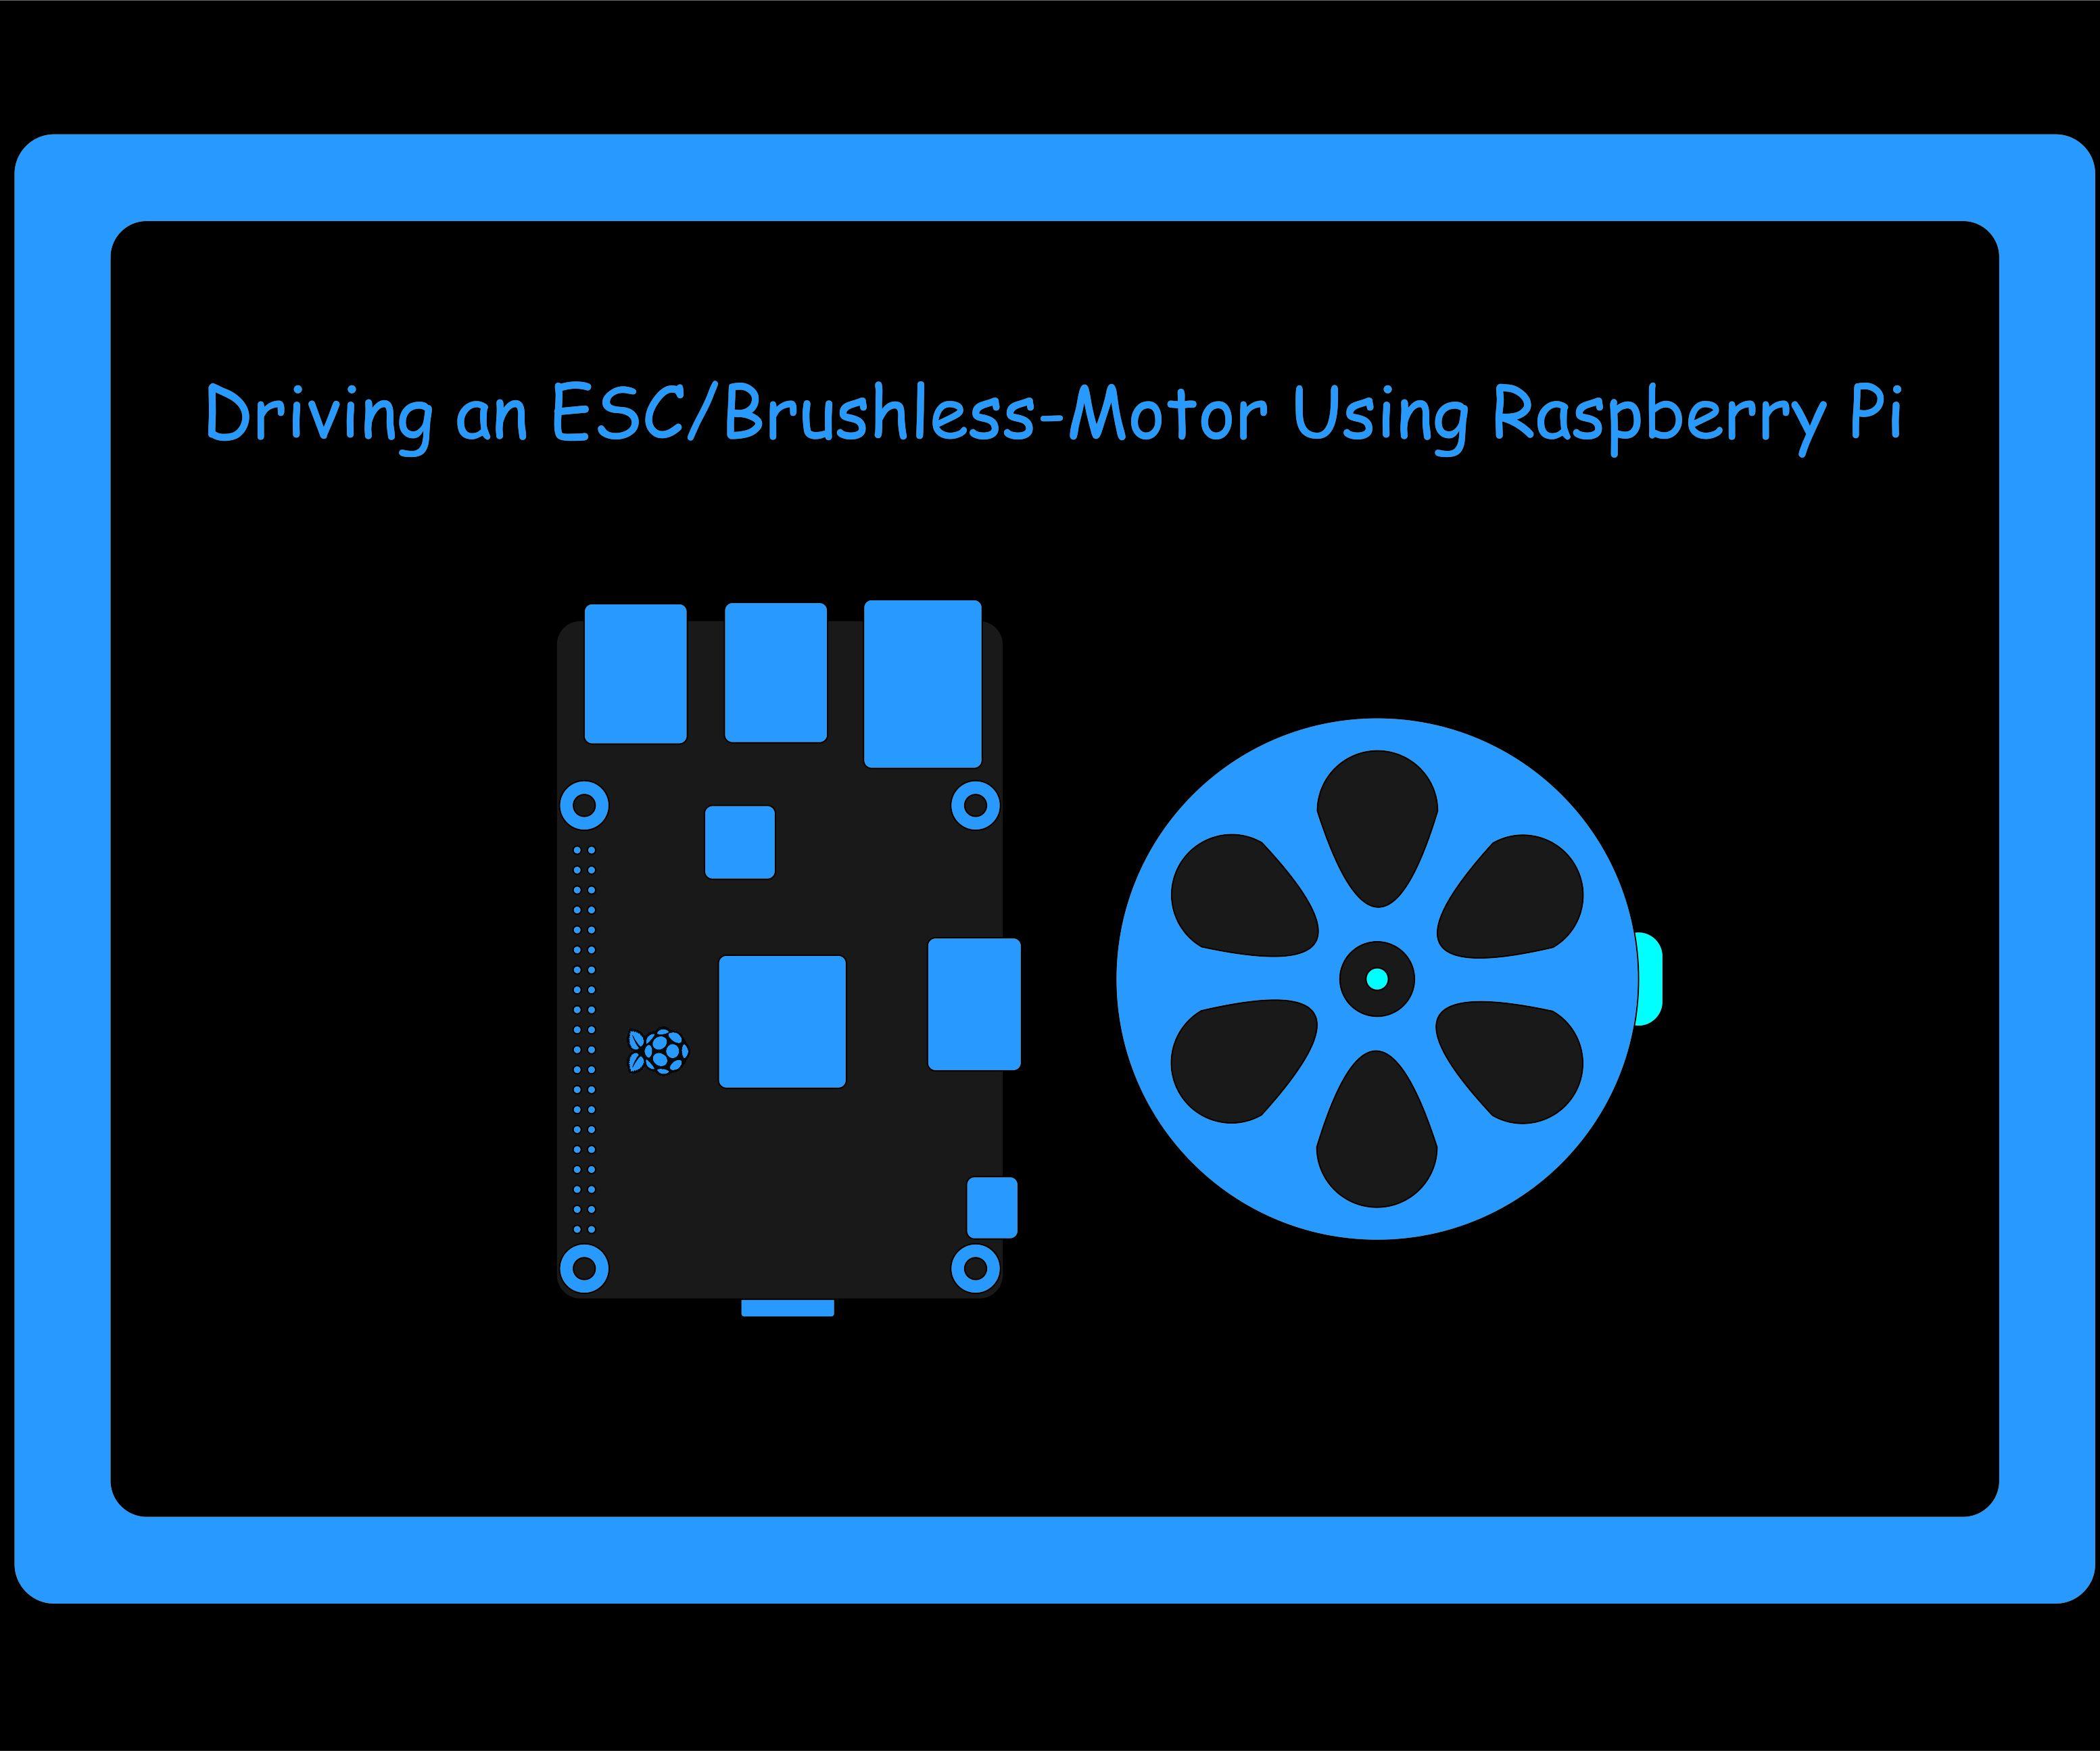 Driving an ESC/Brushless-Motor Using Raspberry Pi : 5 Steps